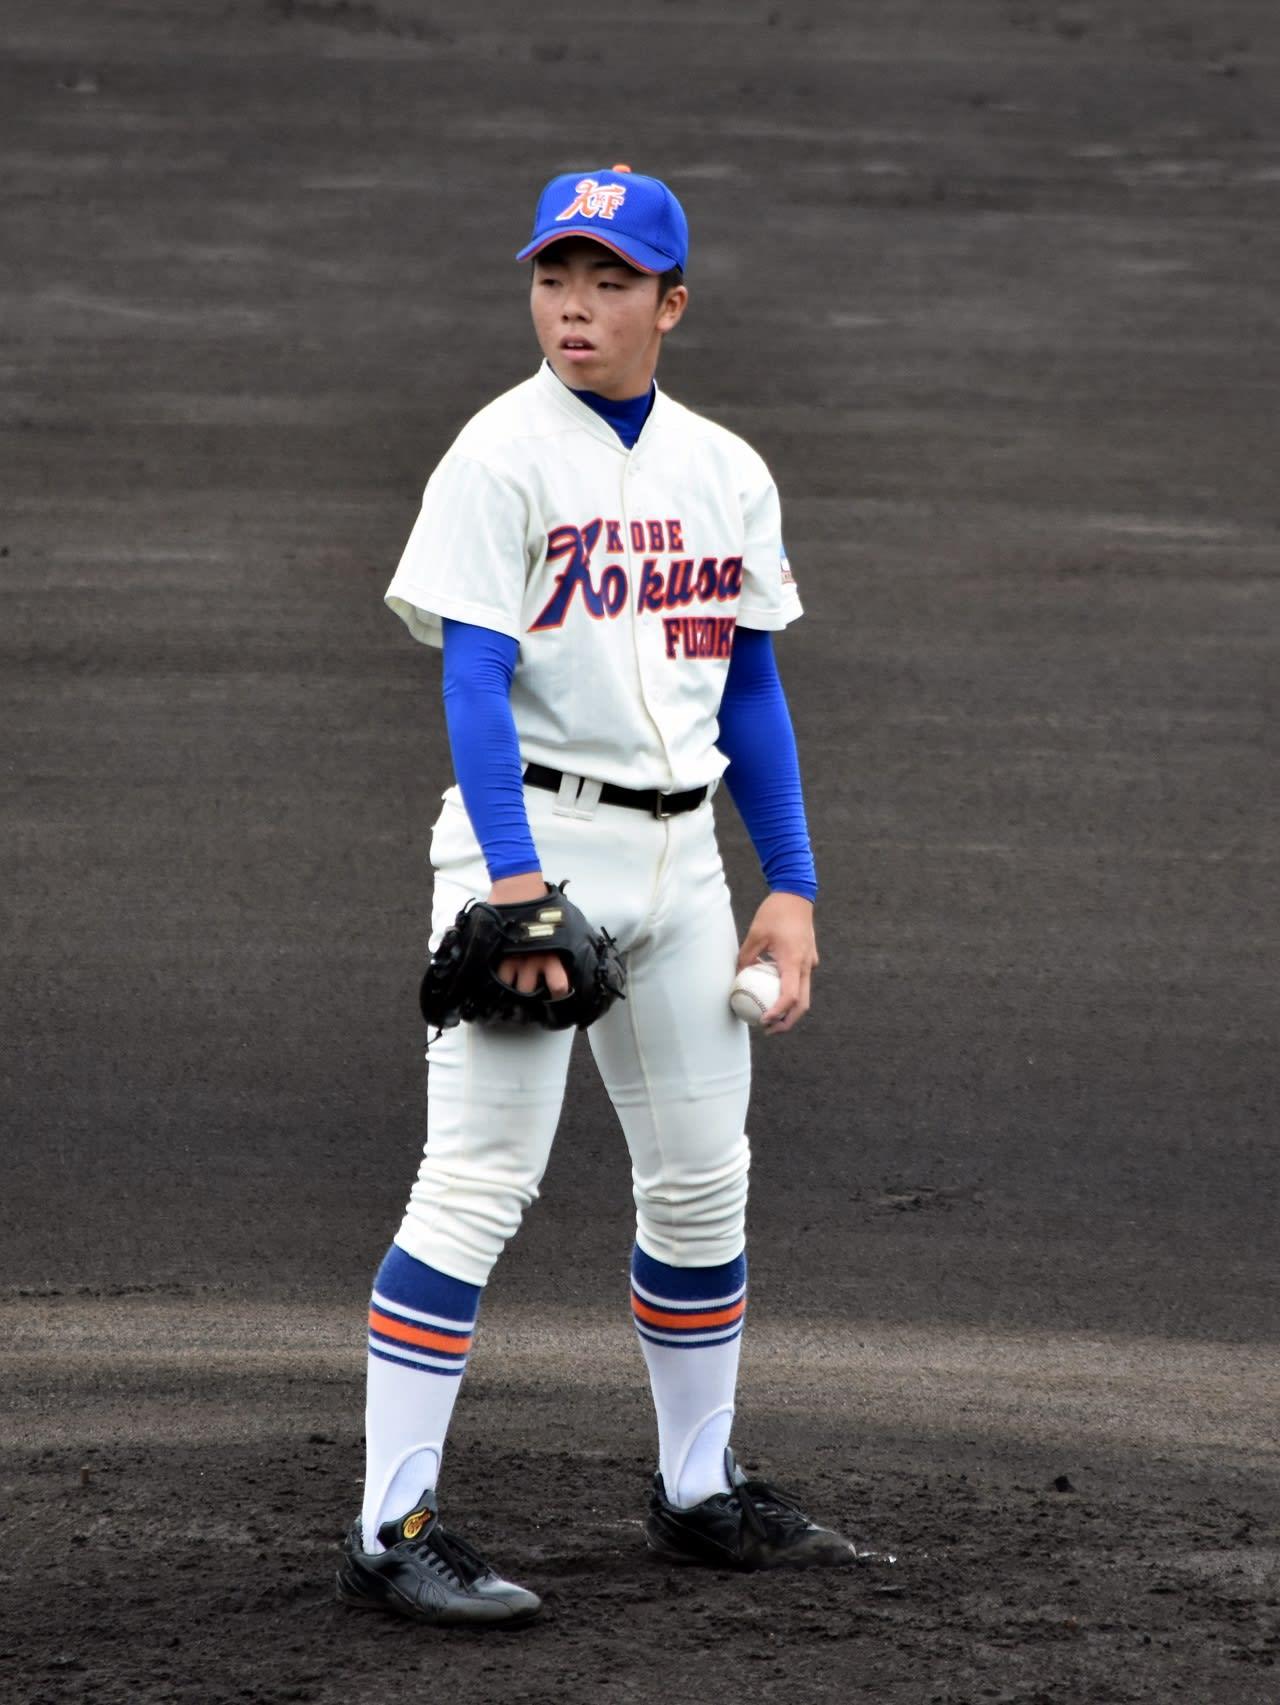 高校 部 野球 大学 付属 国際 神戸